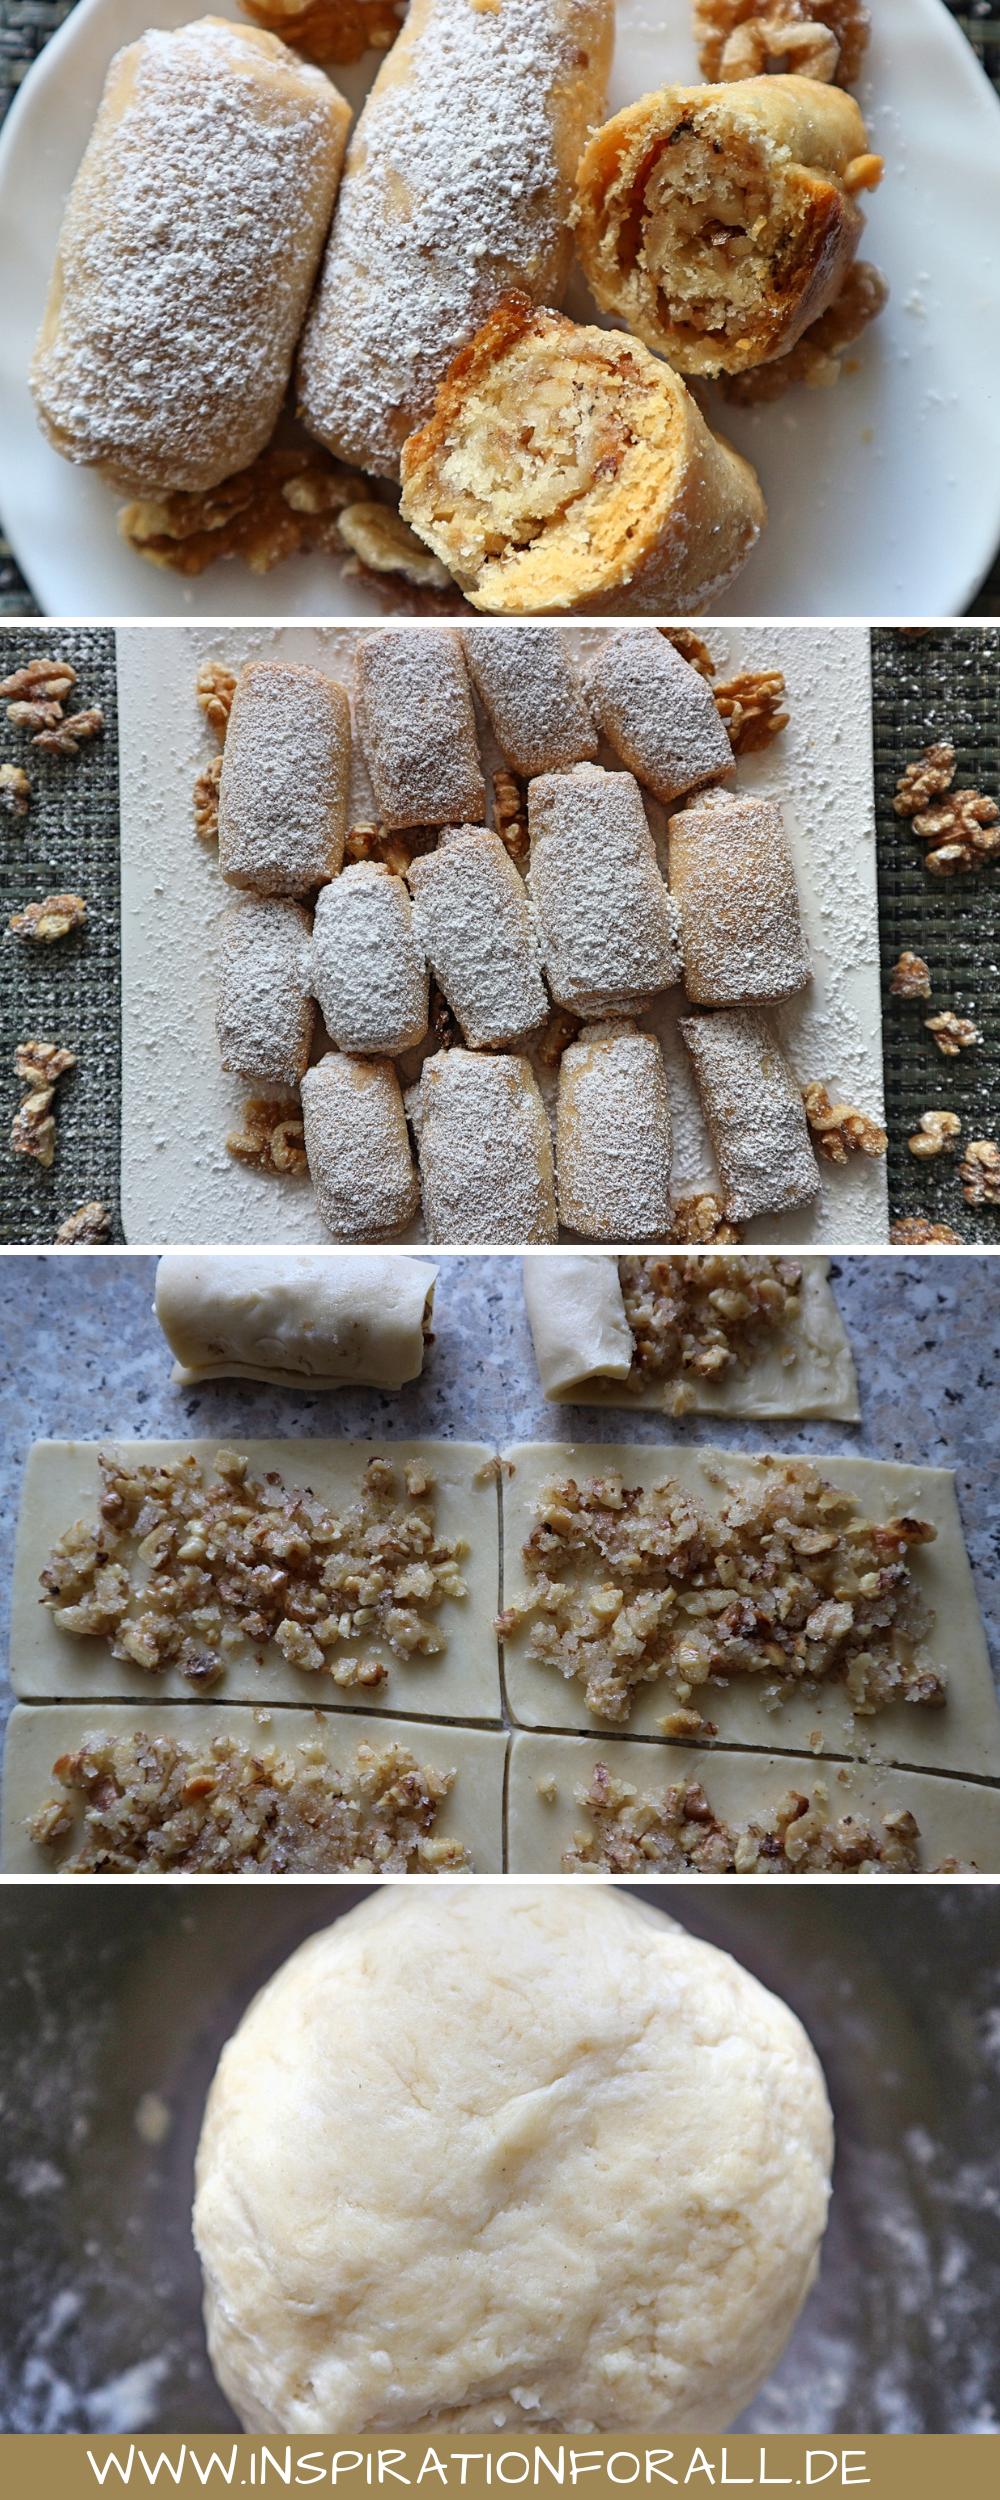 Diese leckeren Nuss Kekse Barmak kannst du schnell selber backen. Das Rezept dafür ist sehr einfach. Die Walnuss Kekse werden als Rolle geformt und schmecken knusprig zart. Sie sind perfekt zum Naschen, zum Geburtstag, zu Ostern oder Weihnachten. Die Kekse kannst du im Sommer, Herbst, Frühling und Winter genießen. #Kekse #KekseBacken #KekseNuss #KekseRezept #KekseSchnelle #herbstbacken